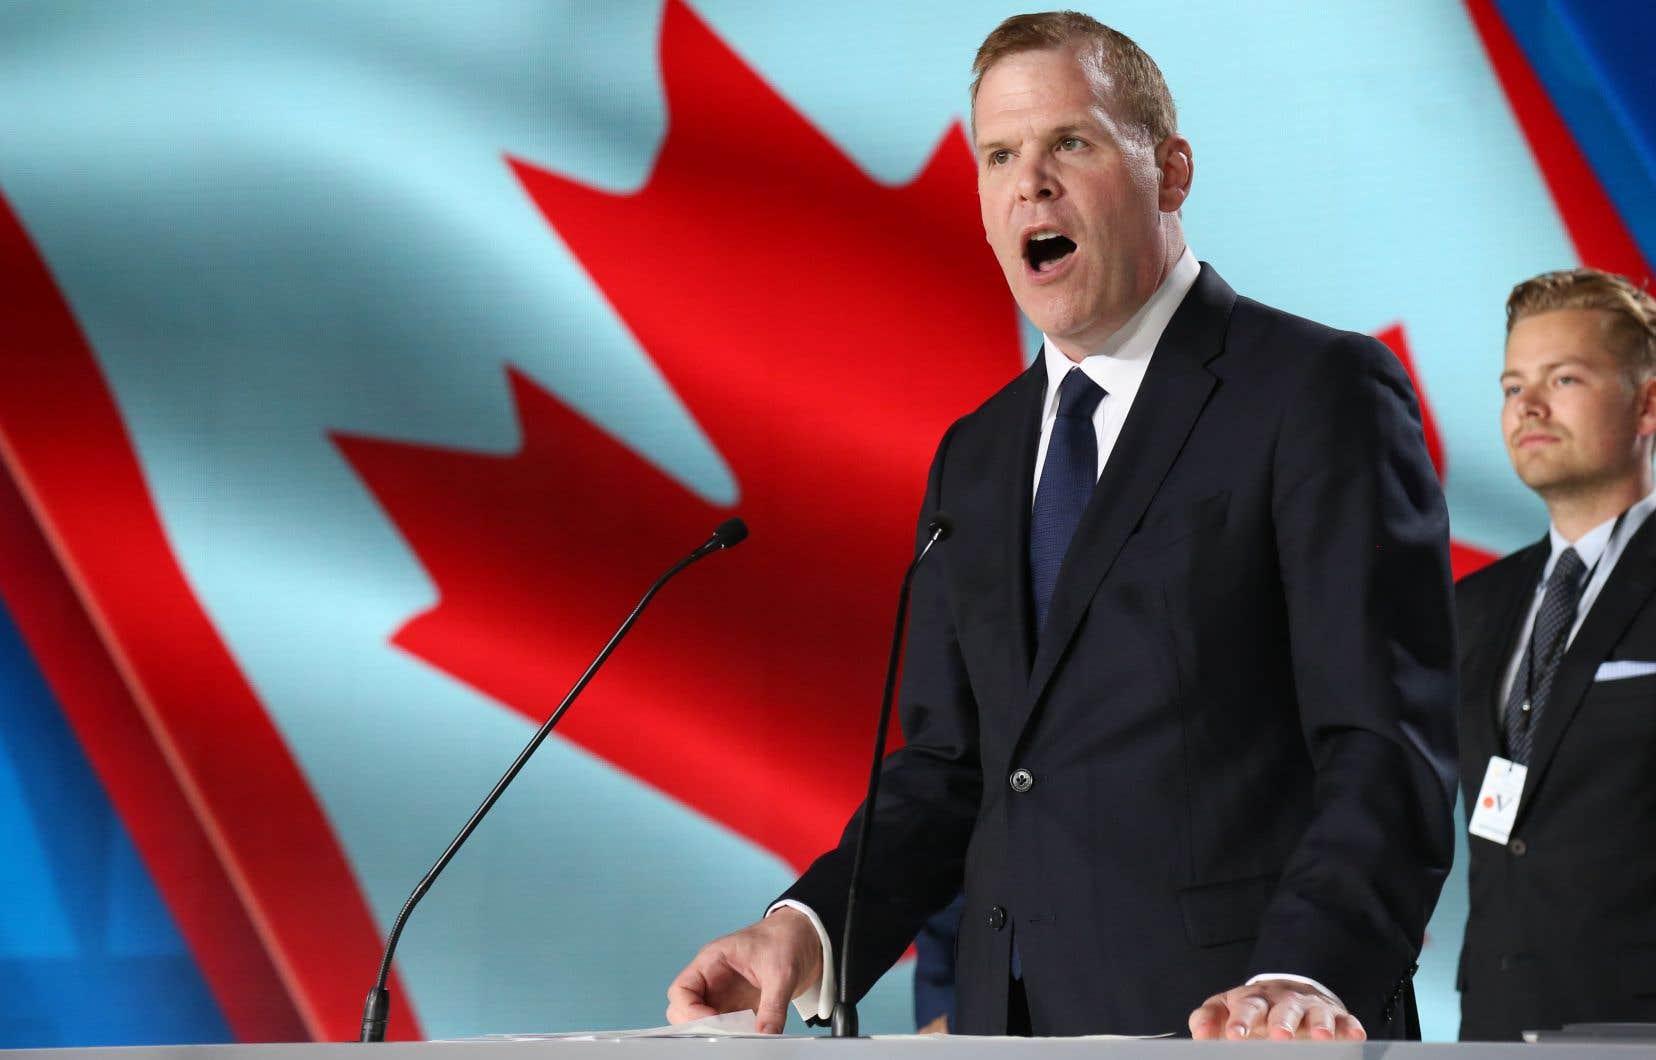 JohnBaird a été député de la région d'Ottawa, ministre provincial et ministre fédéral.